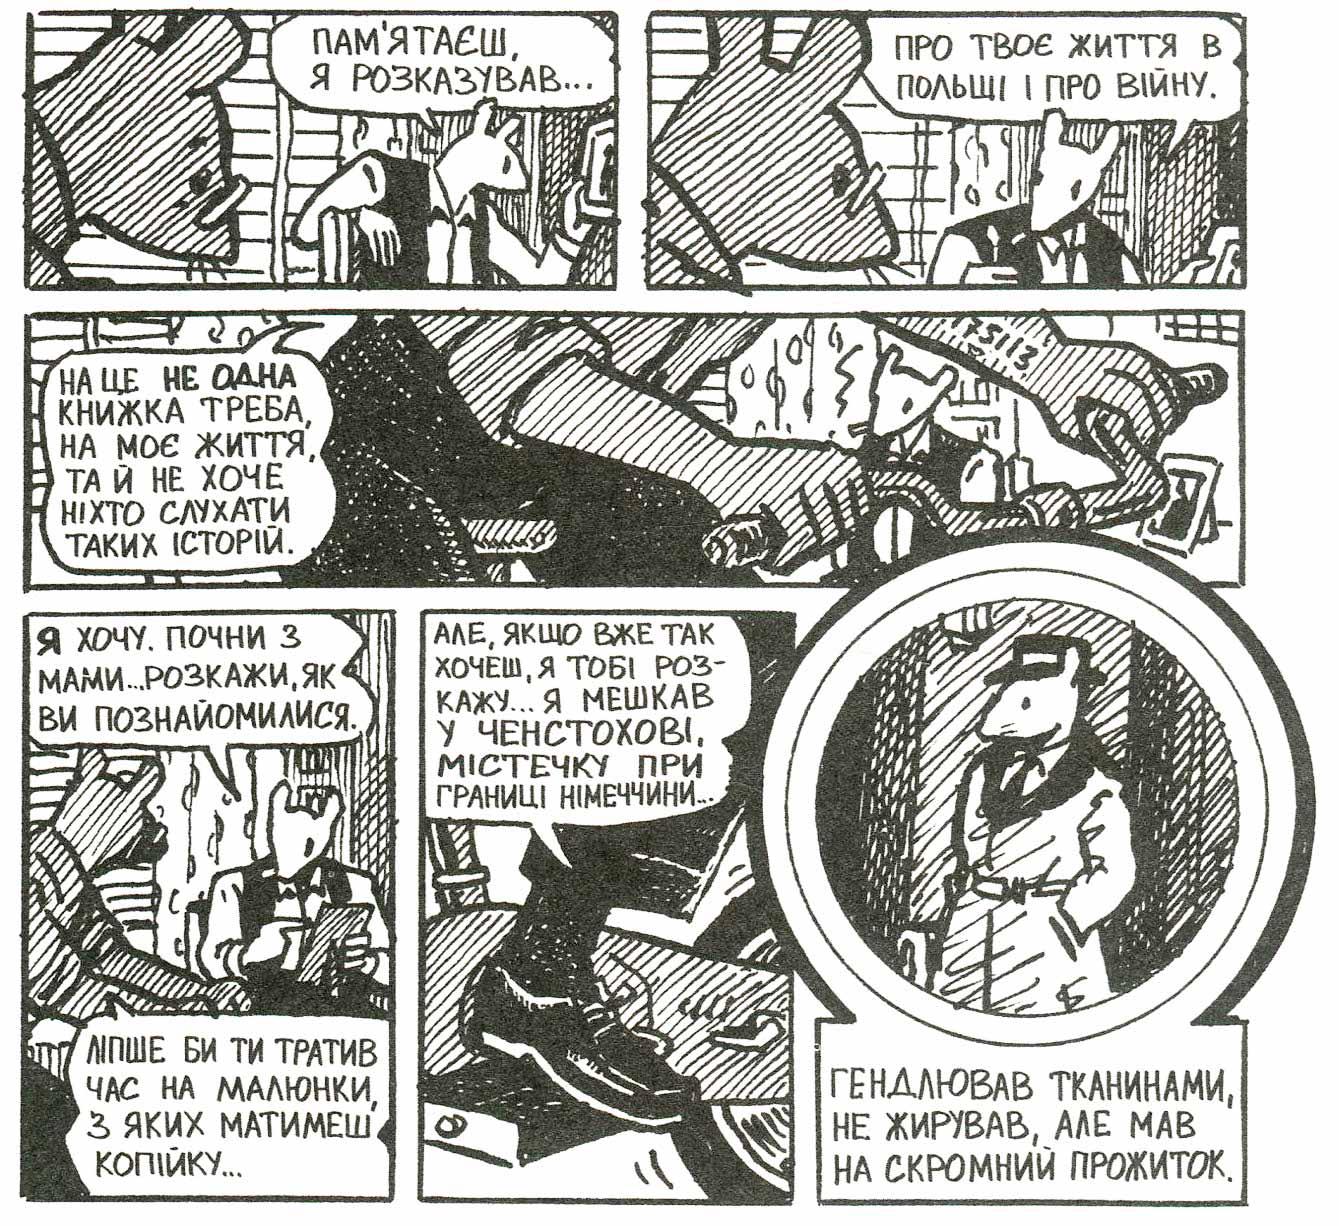 mouse 04 - <b>«Весна в Чорнобилі», «Блайндмен», «Жіноча праця» та інші комікси</b> — огляд найцікавіших графічних новел - Заборона